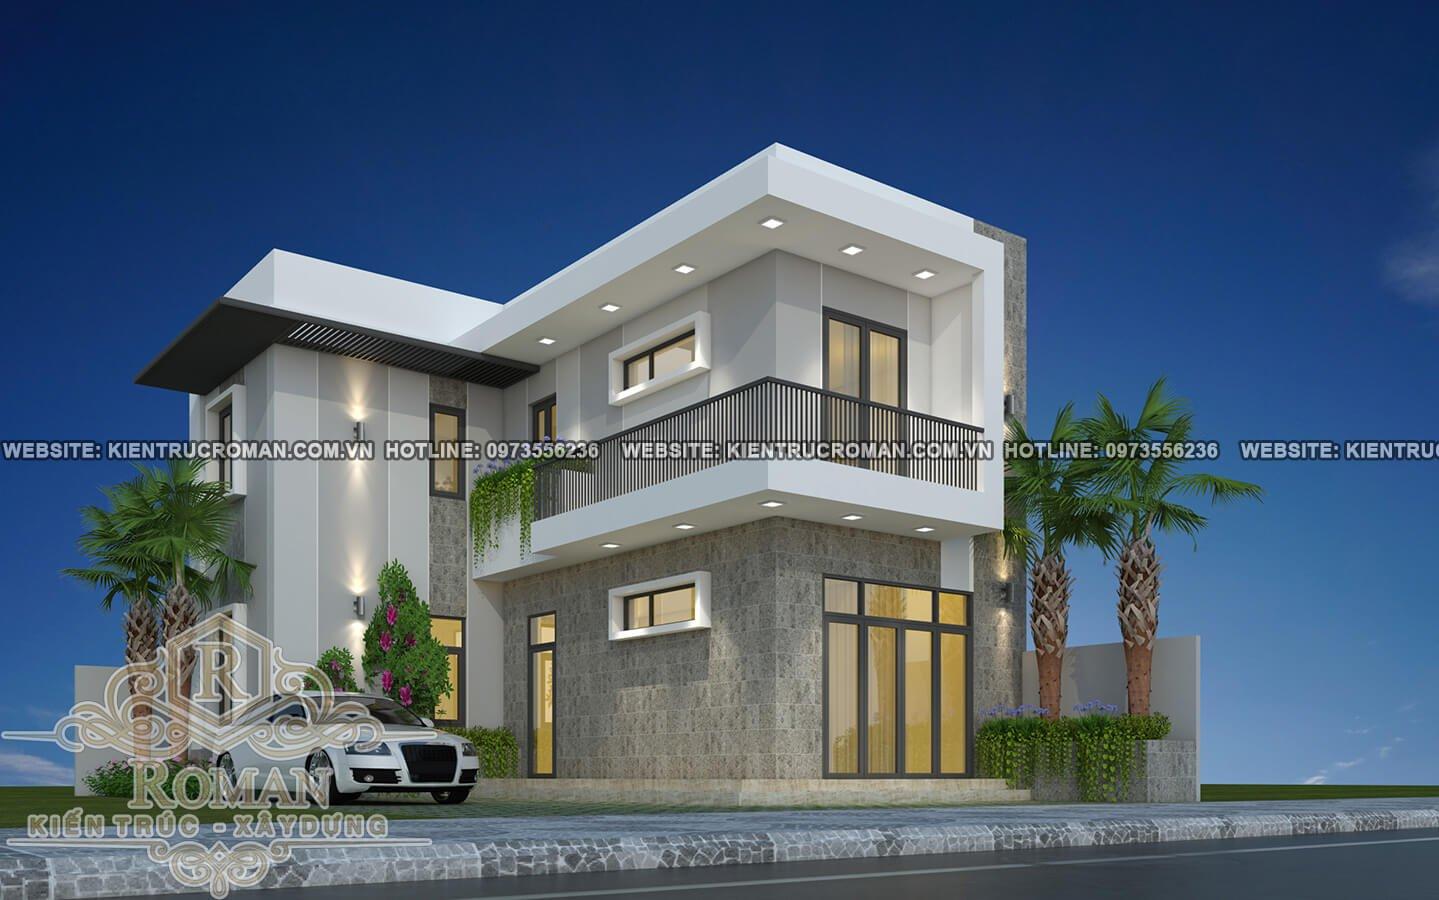 Thiết kế mẫu nhà 2 tầng đơn giản với chi phí thấp mà đẹp